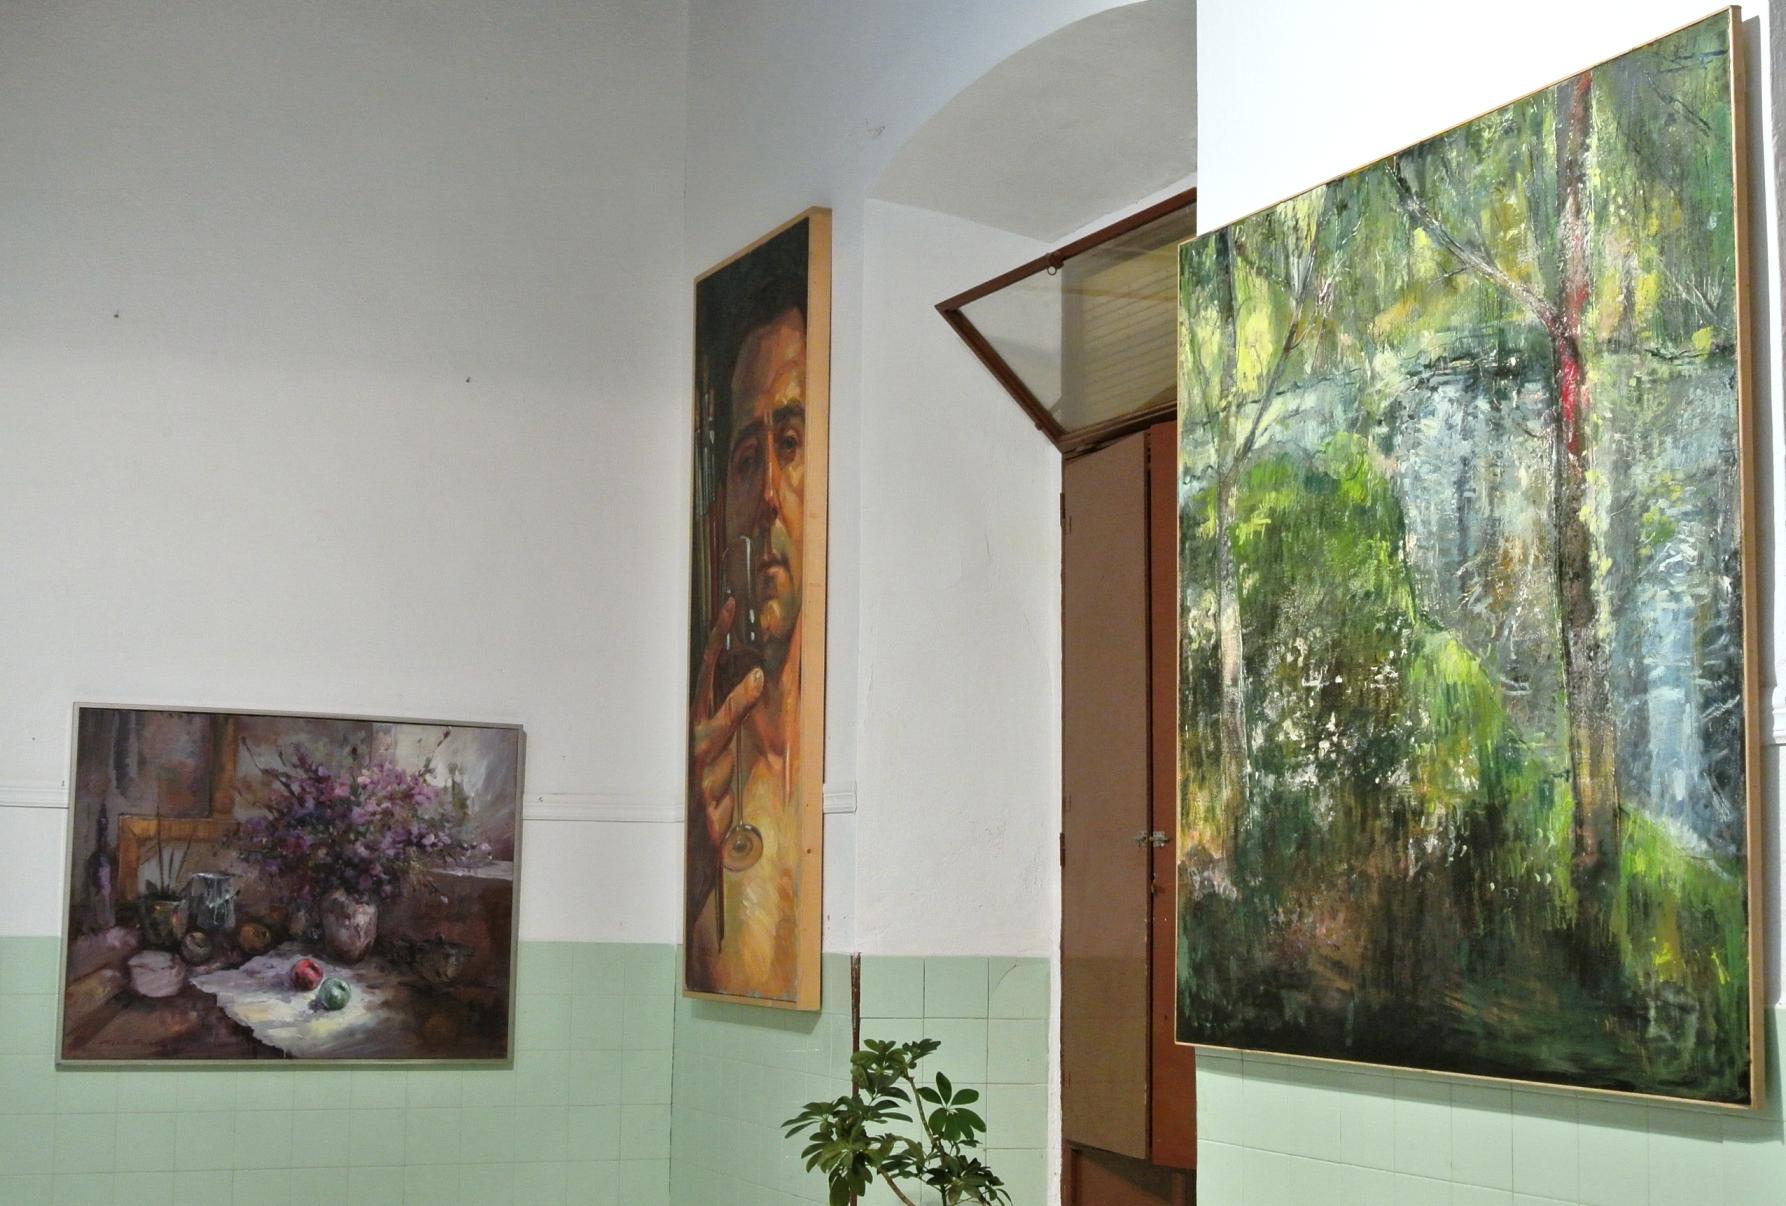 Exposiciones en el recinto de la Hermosa